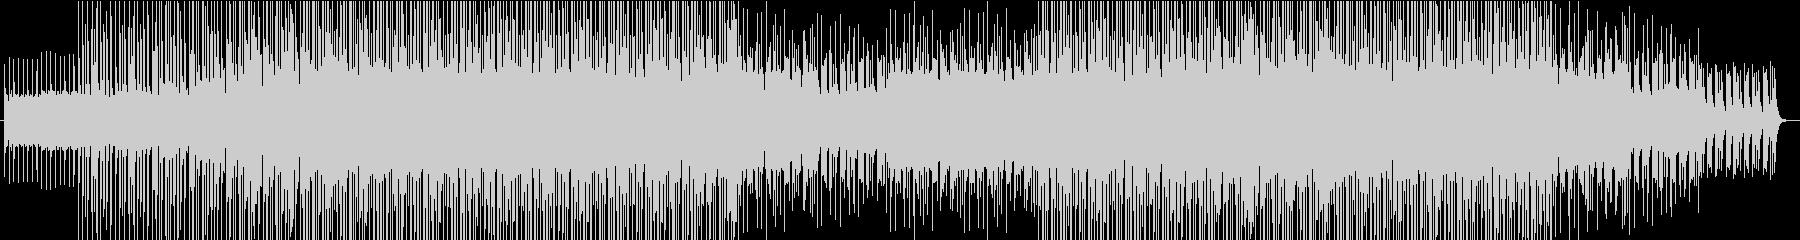 トロピカルなシンセ音源を使ったハウスですの未再生の波形